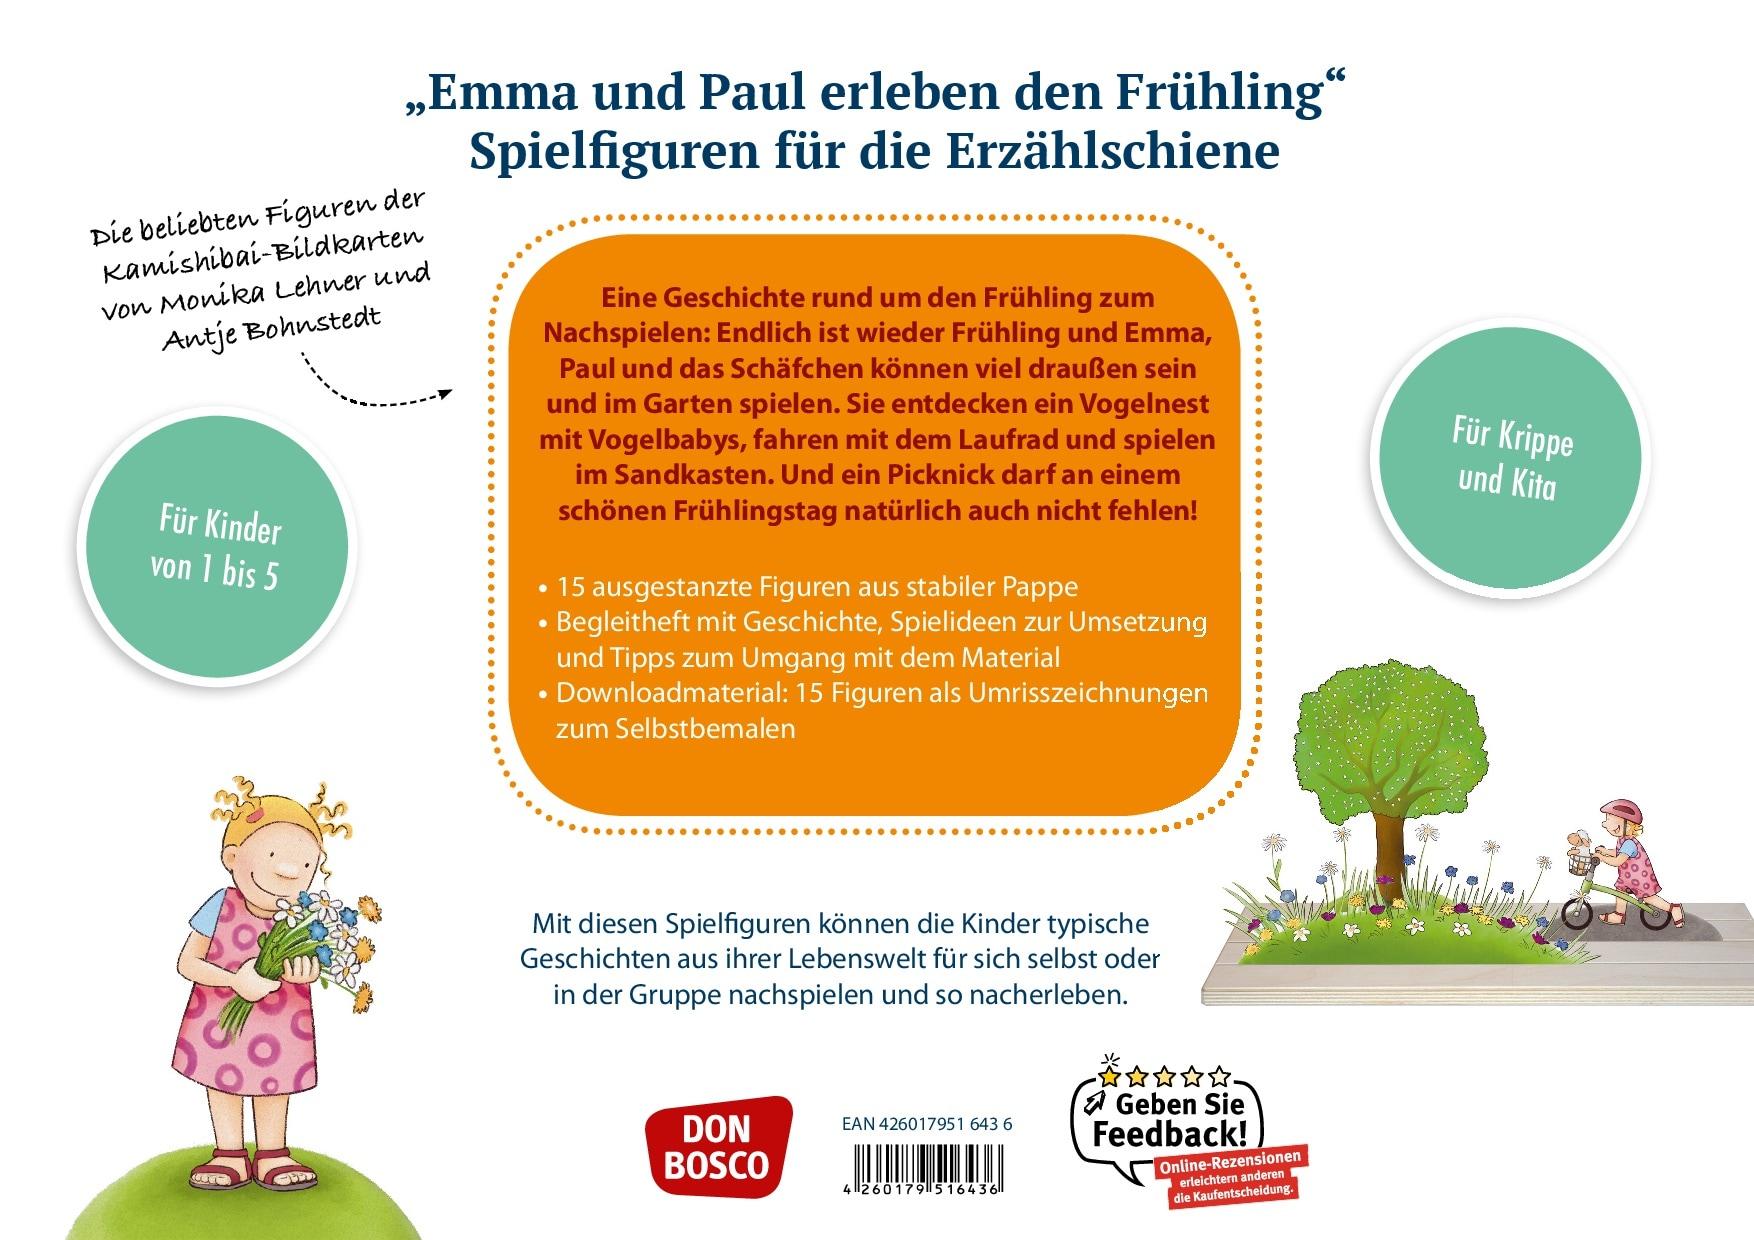 Innenansicht zu Emma und Paul erleben den Frühling. Spielfiguren für die Erzählschiene